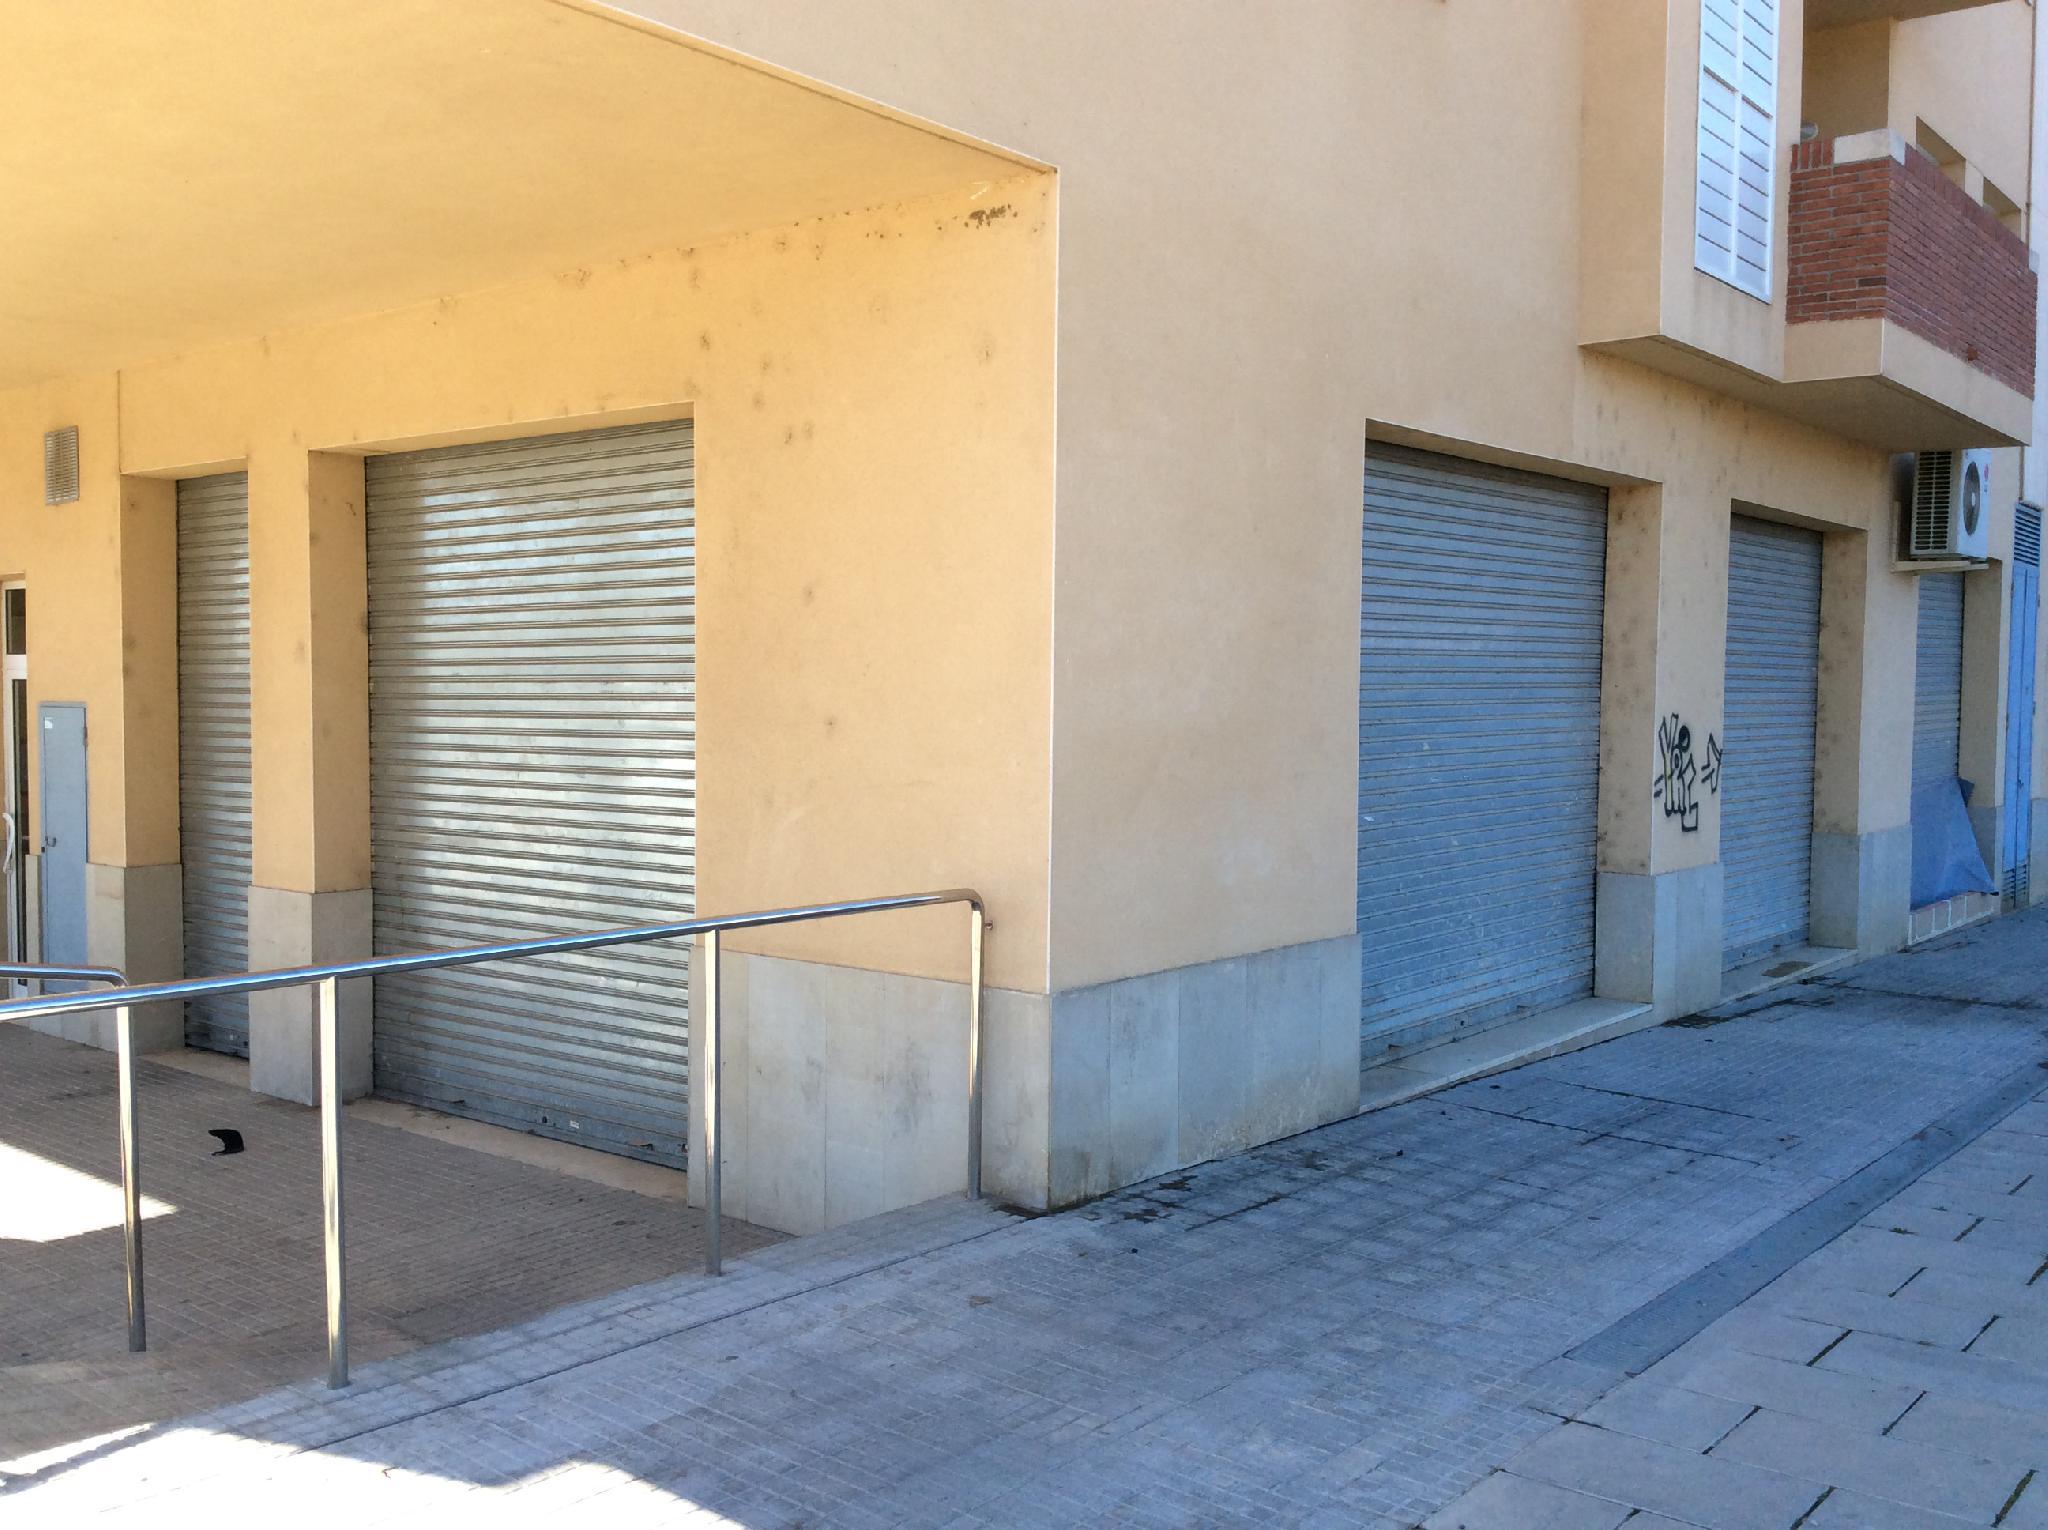 126122 - La Bovila , junto servicios sociales